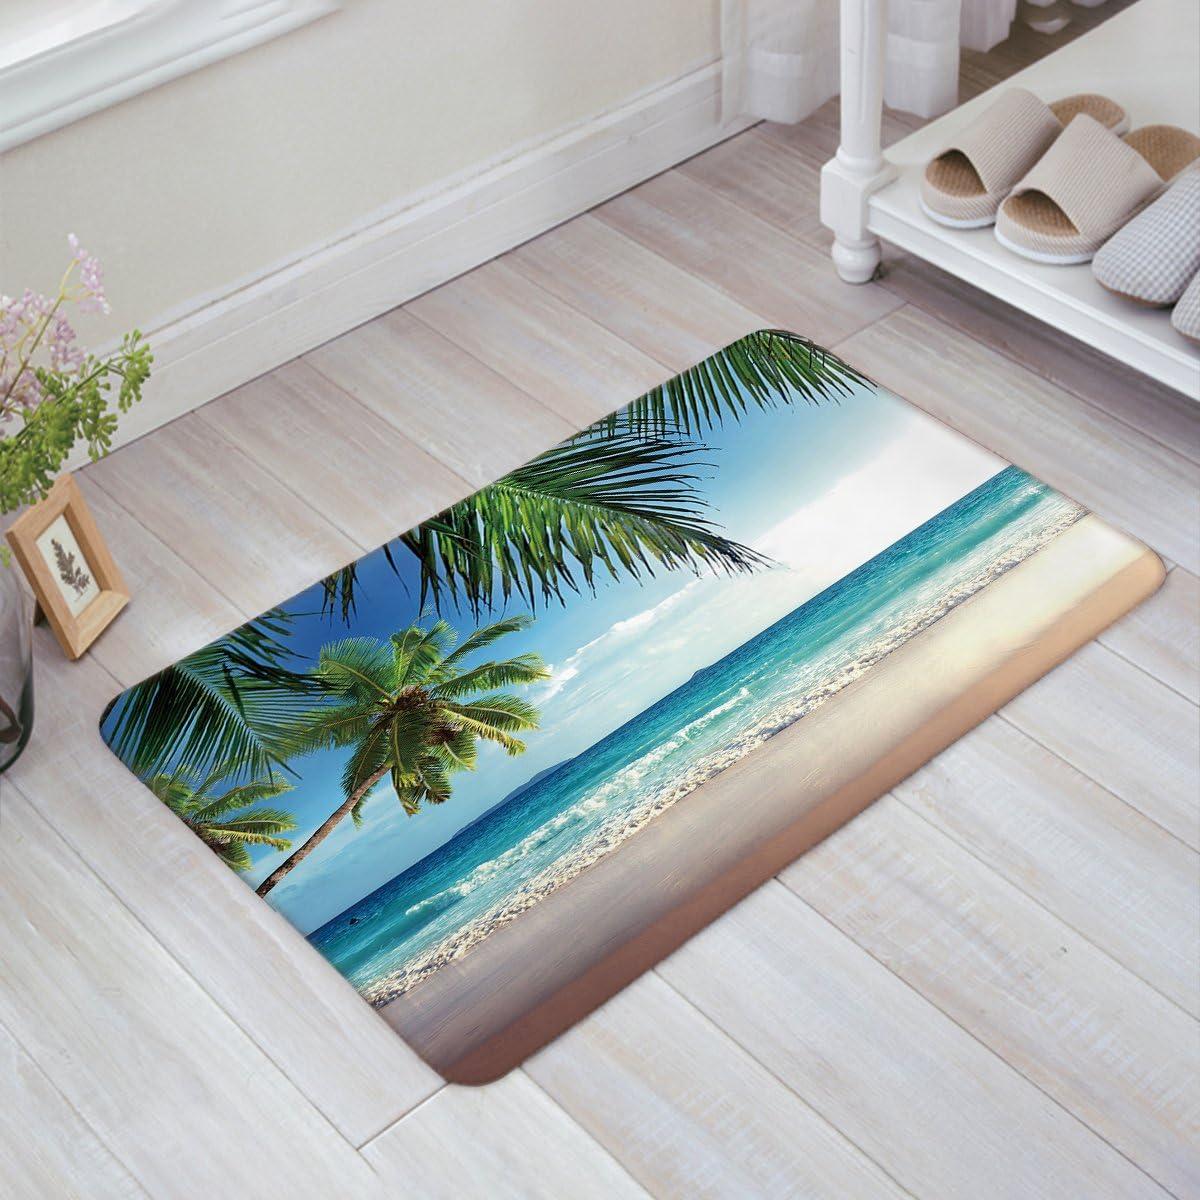 Crystal Emotion Palms Ocean Tropical Beach Theme Non-Slip Indoor Outdoor Front Door Bathroom Mats 18x30inch